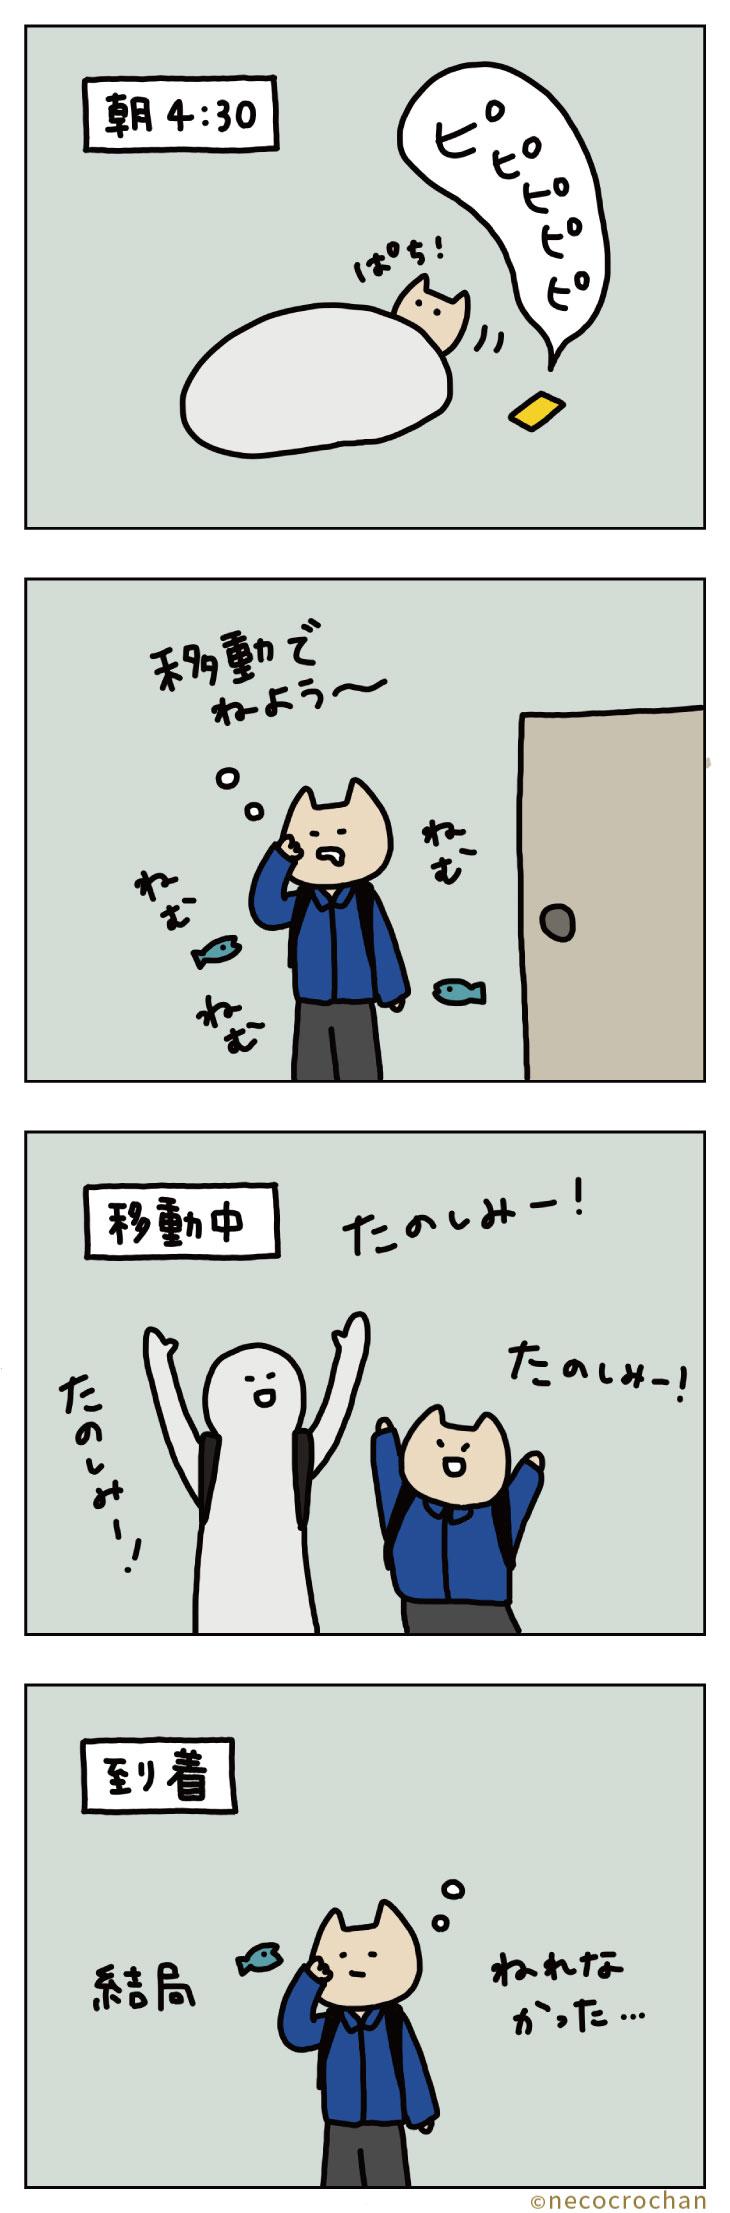 4コマ漫画ねこくろにっき「旅行〜あさ〜」